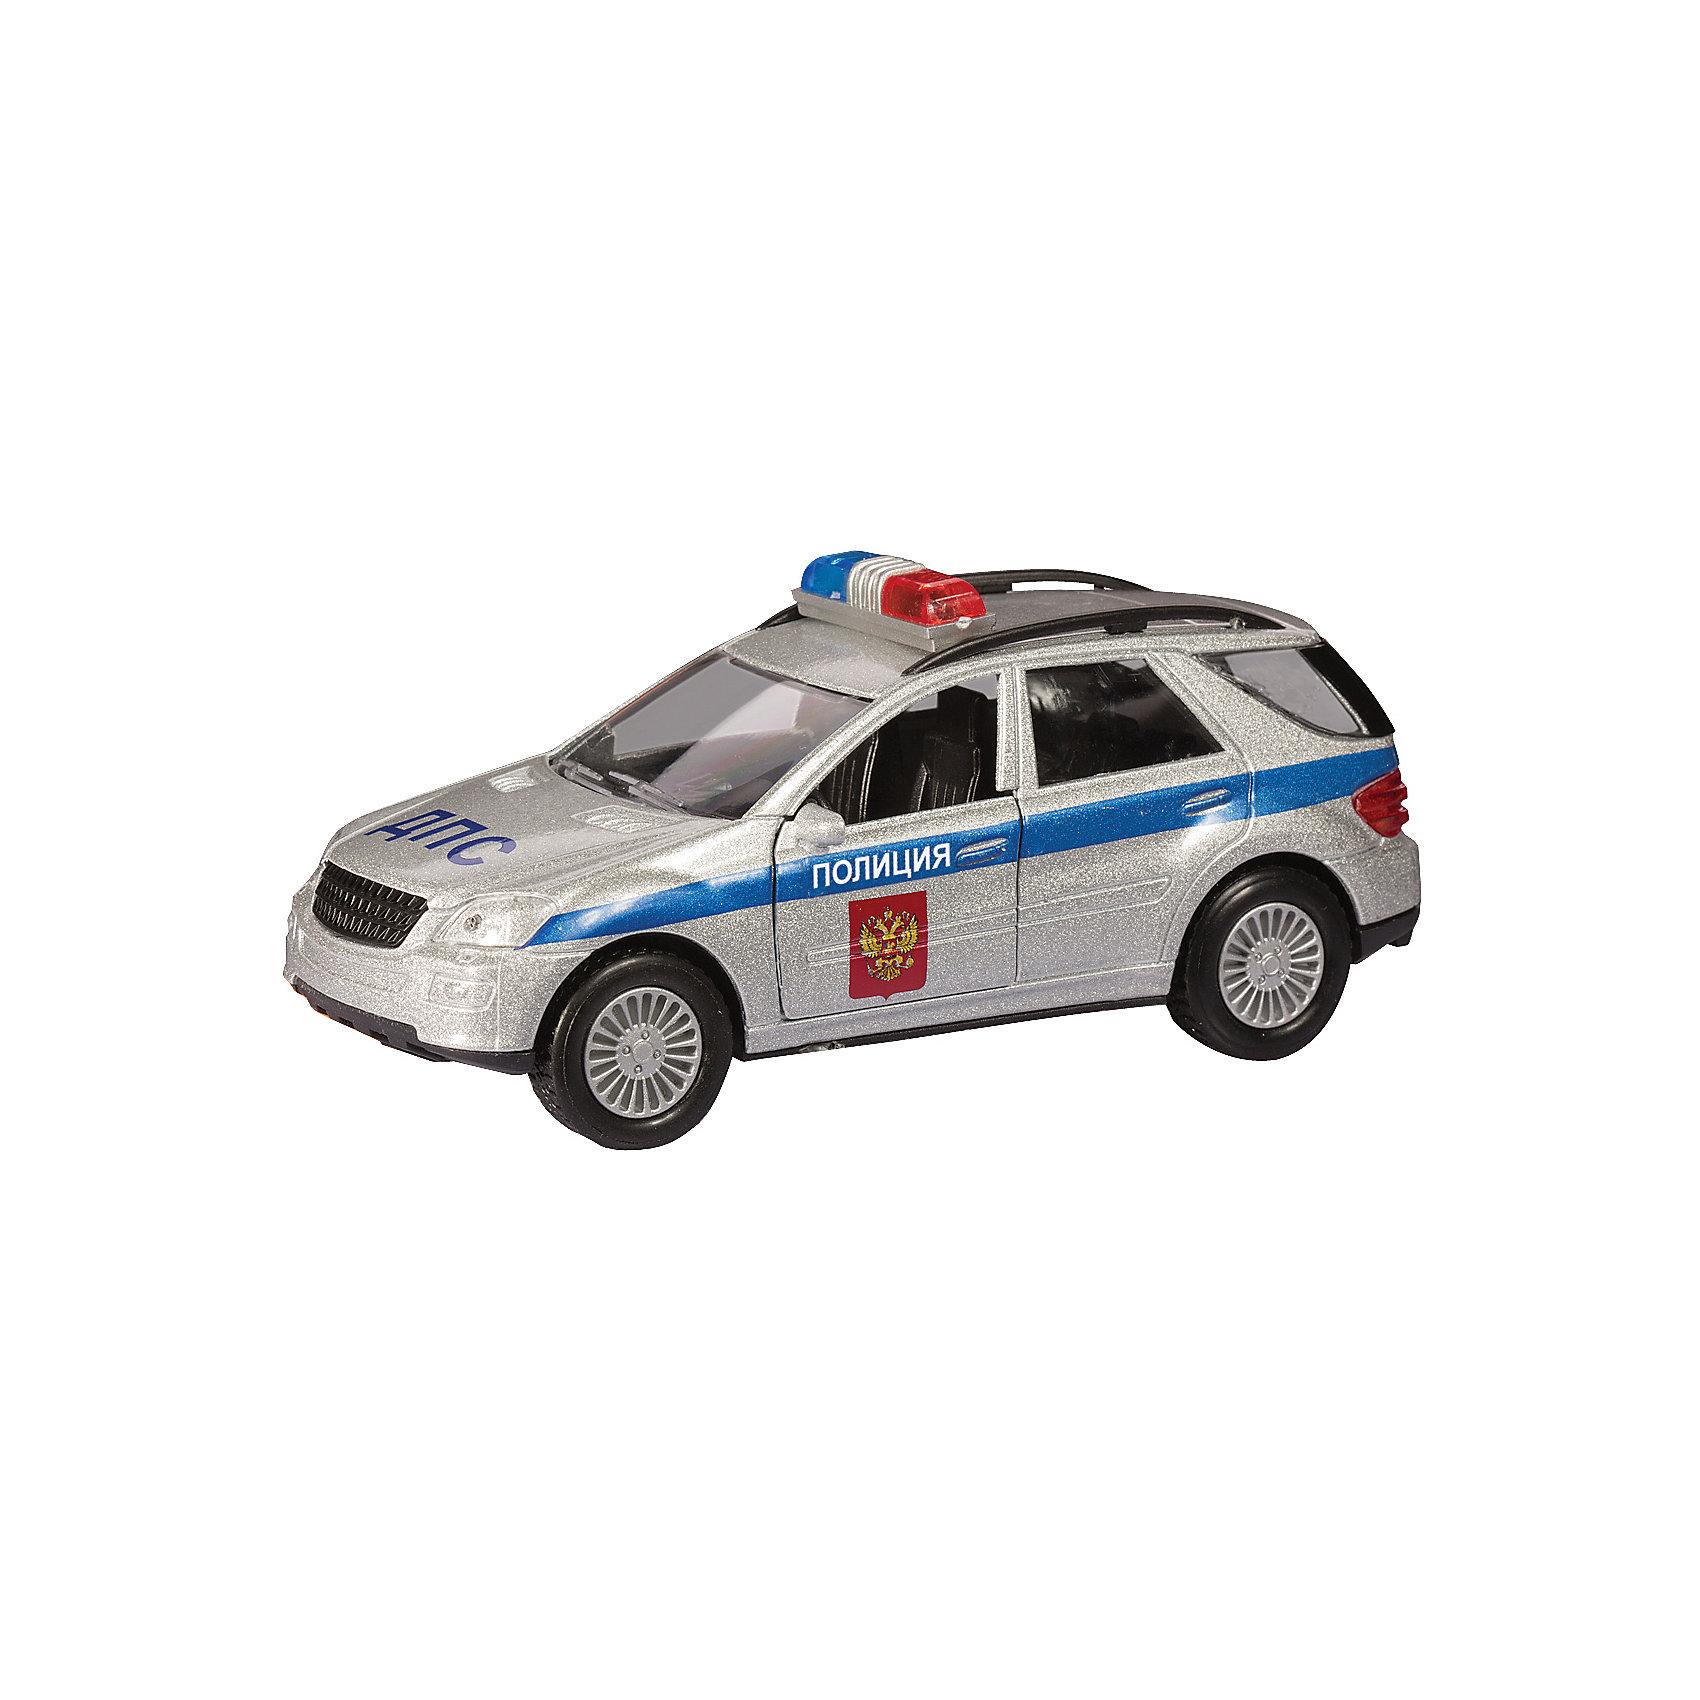 Машина GERMANY ALLROAD, милиция, 1:36Машина GERMANY ALLROAD, милиция,  - коллекционная модель, являющая копией настоящего автомобиля, сделанной в масштабе 1:36. Машинка станет прекрасным подарком всем юным автолюбителям и займет достойное место в любой коллекции автомобилей. Игрушка имеет инерционный механизм и открывающиеся двери, выполнена из высококачественных прочных безопасных материалов. <br><br>Дополнительная информация:<br><br>- Материал: пластик, металл.<br>- Масштаб: 1:36.<br>- Колеса подвижные.<br>- Двери открываются.<br>- Инерционный механизм. <br><br>Машину GERMANY ALLROAD, милиция, 1:36, можно купить в нашем магазине.<br><br>Ширина мм: 137<br>Глубина мм: 57<br>Высота мм: 70<br>Вес г: 146<br>Возраст от месяцев: 36<br>Возраст до месяцев: 84<br>Пол: Мужской<br>Возраст: Детский<br>SKU: 4515355